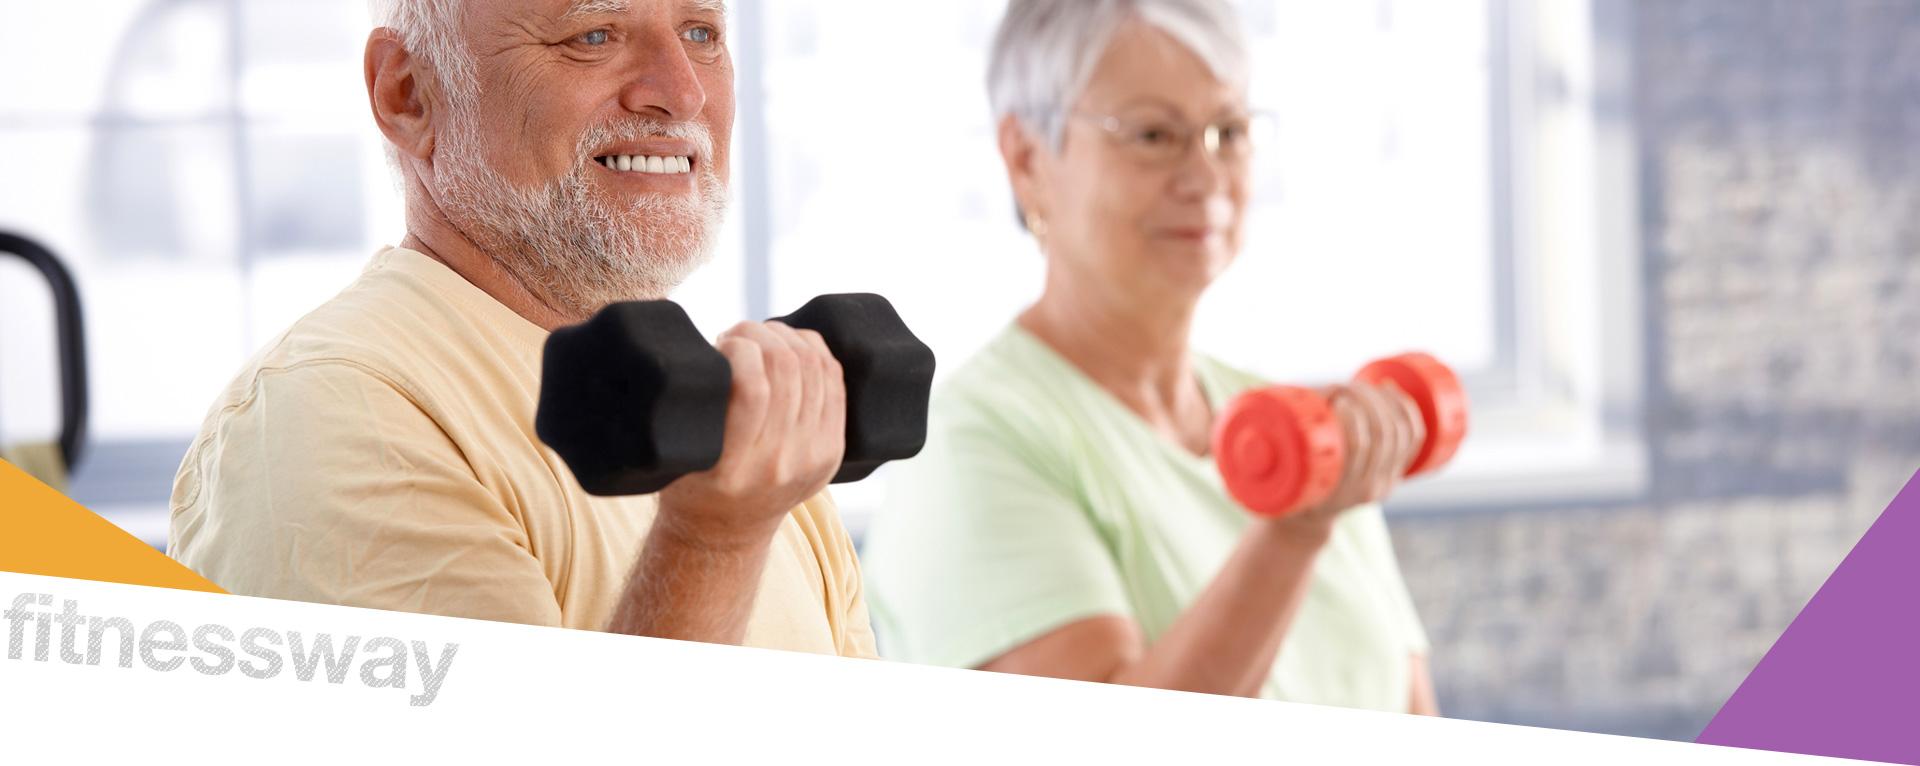 Corso Istruttore Fitness Terza età